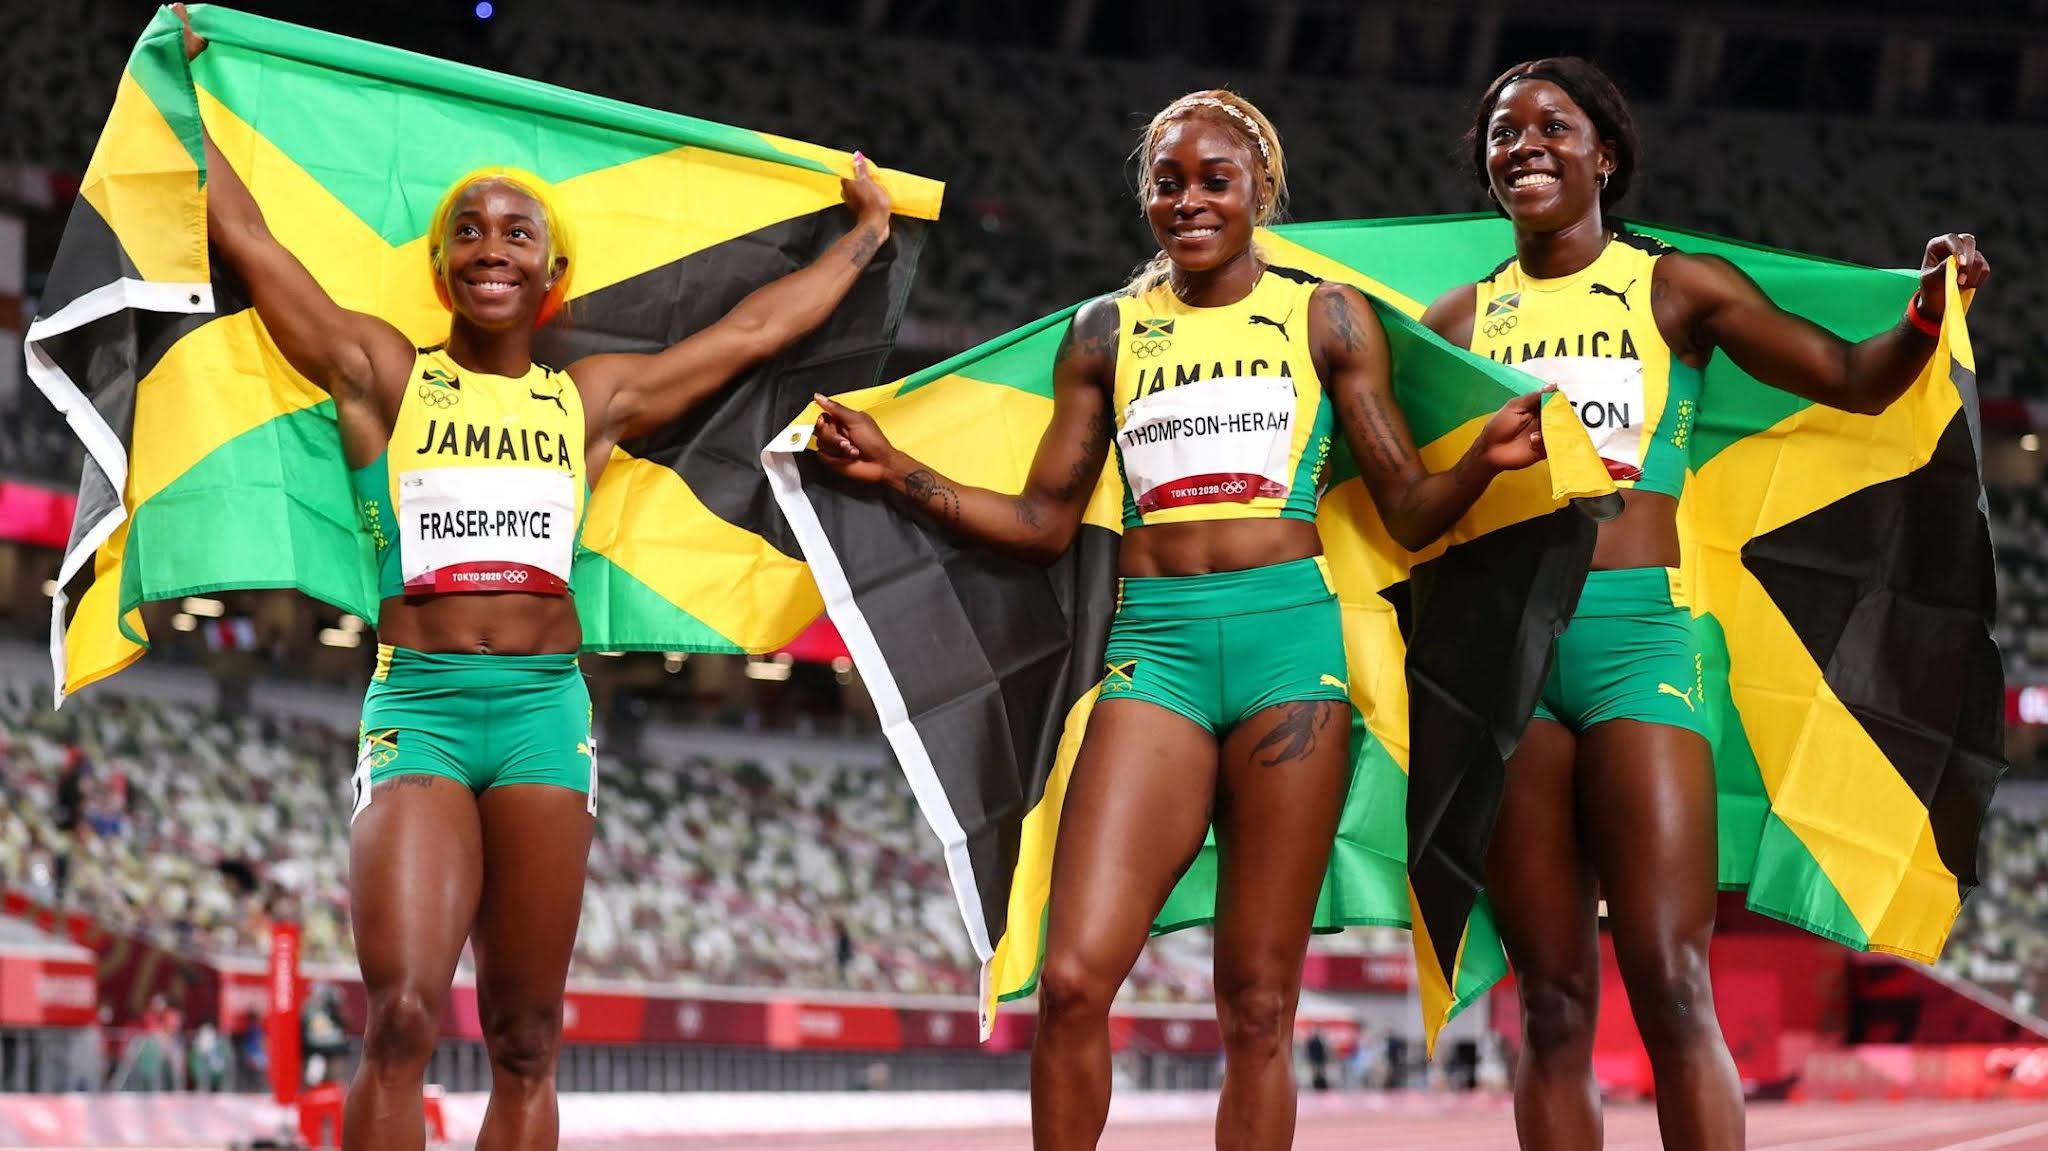 Jamaica Olimpíadas atletismo feminino